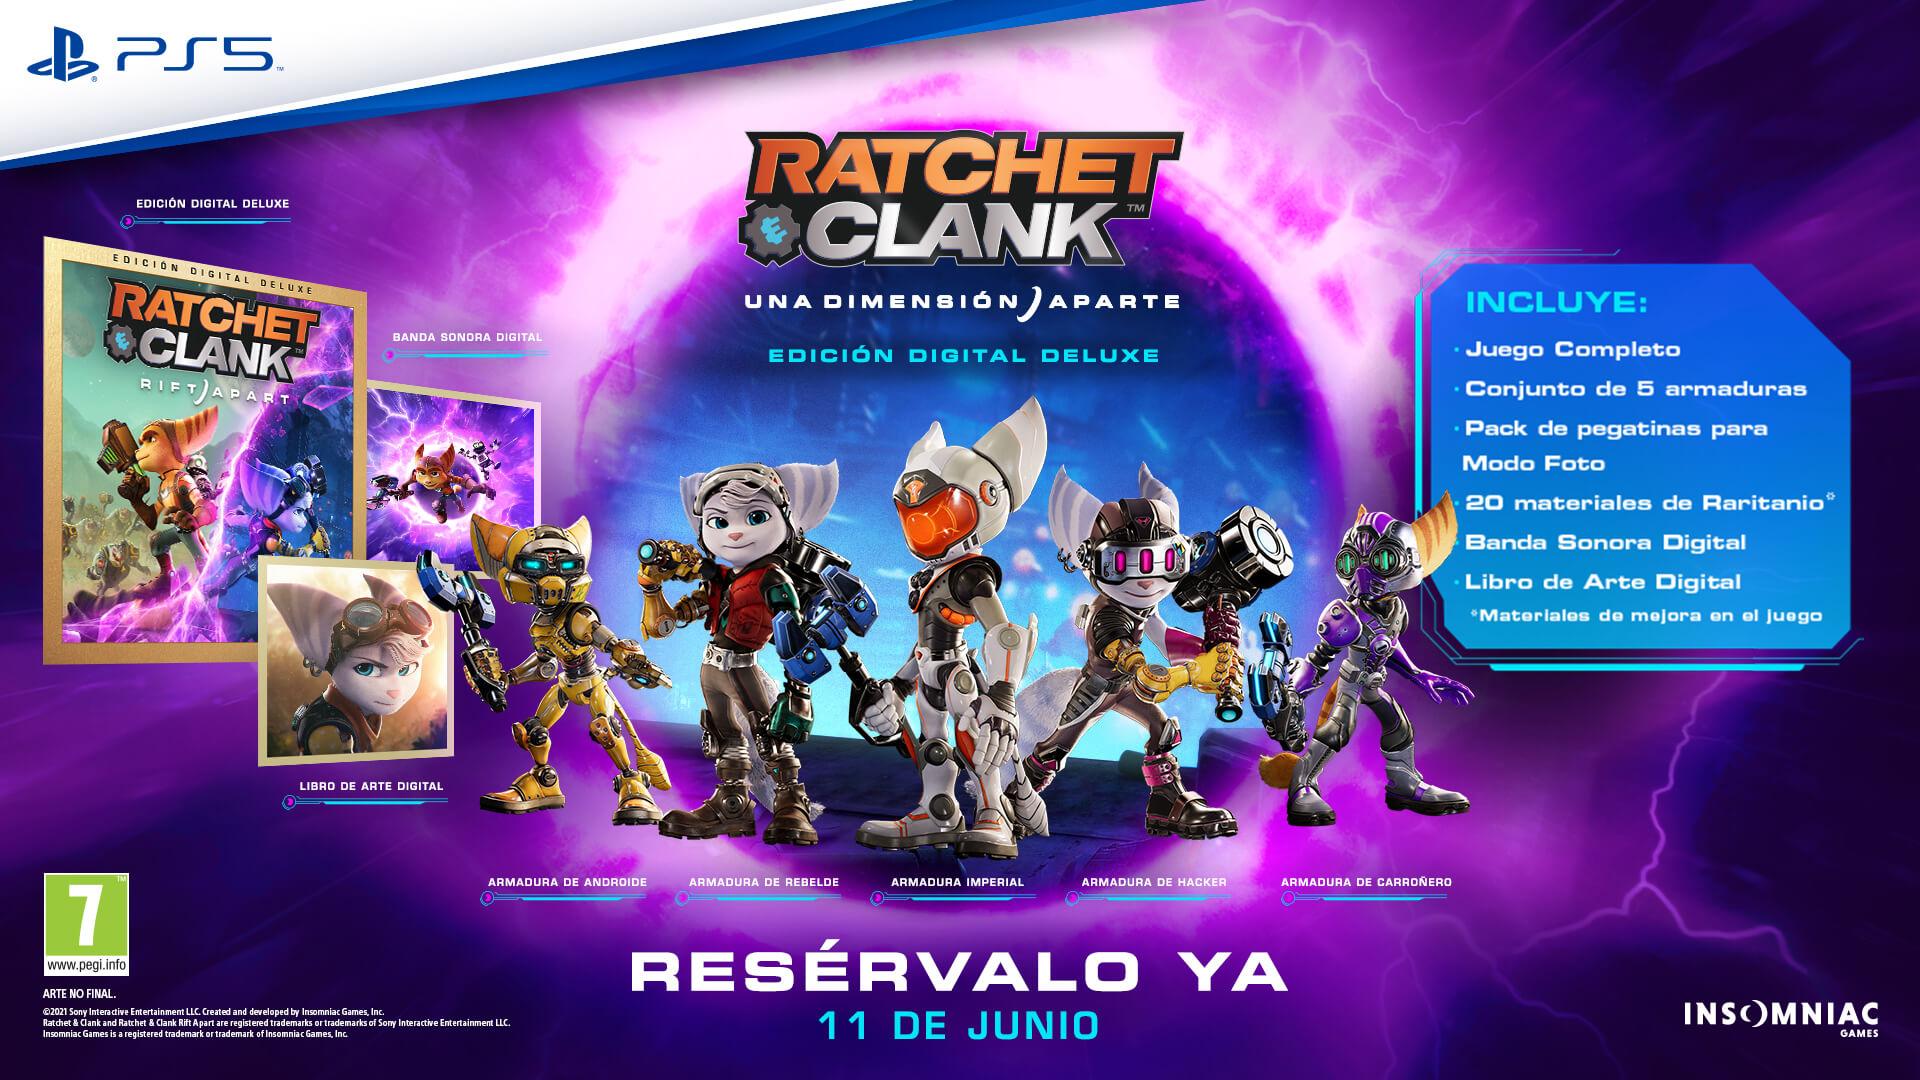 Ratchet & Clank Una Dimensión Aparte